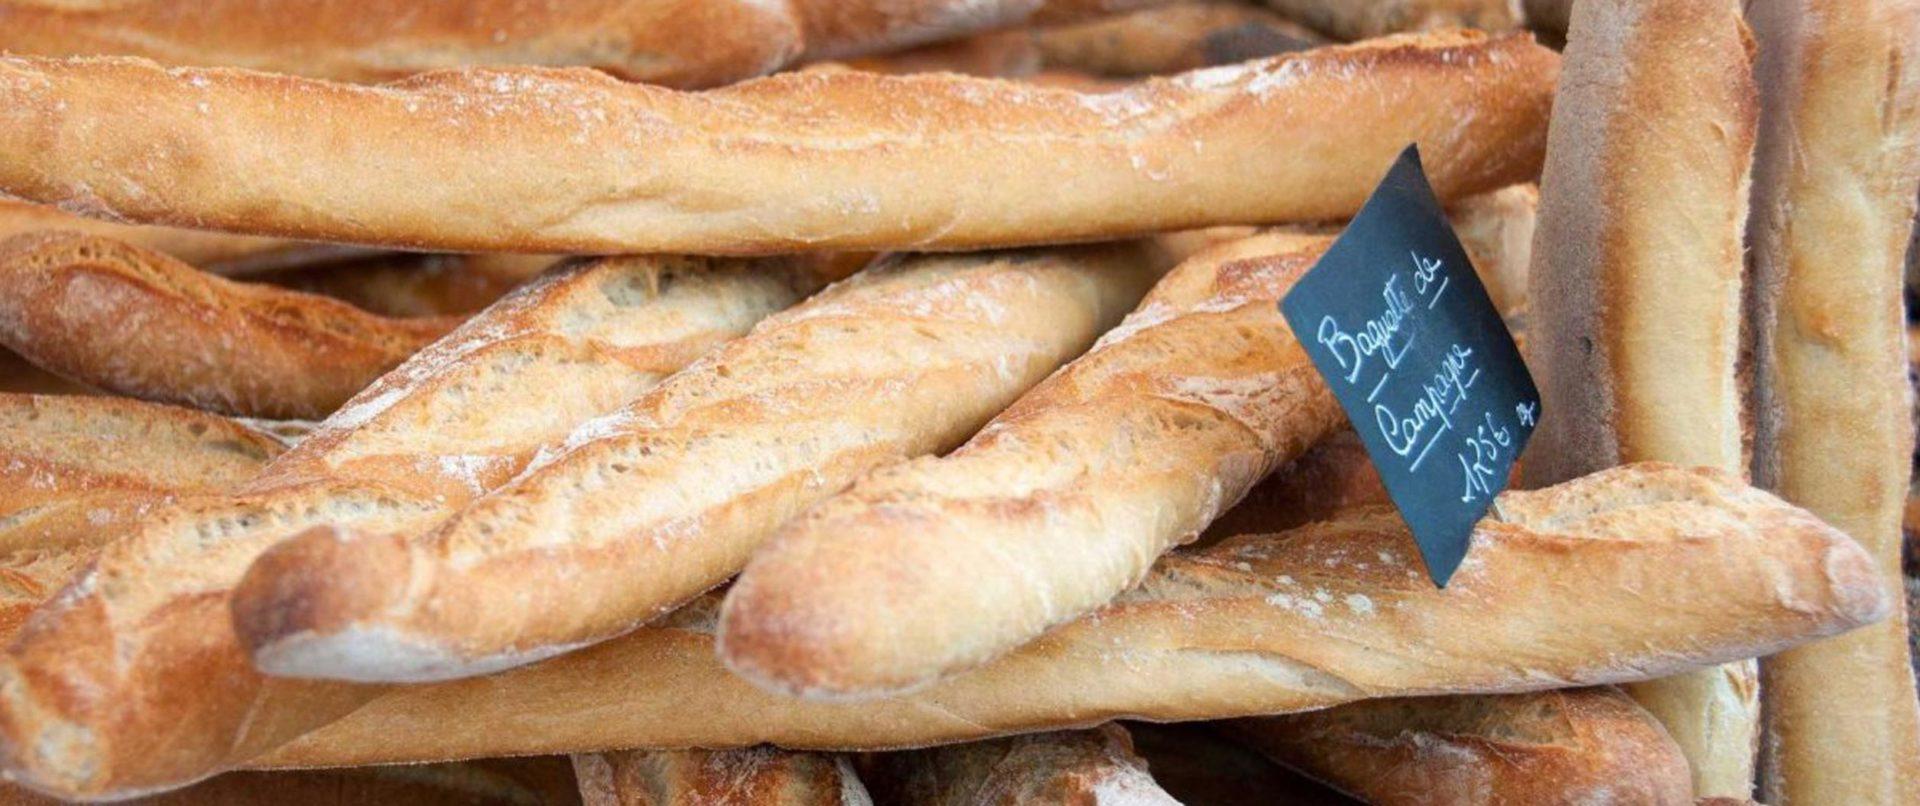 food-tour-paris-best-stores-bread